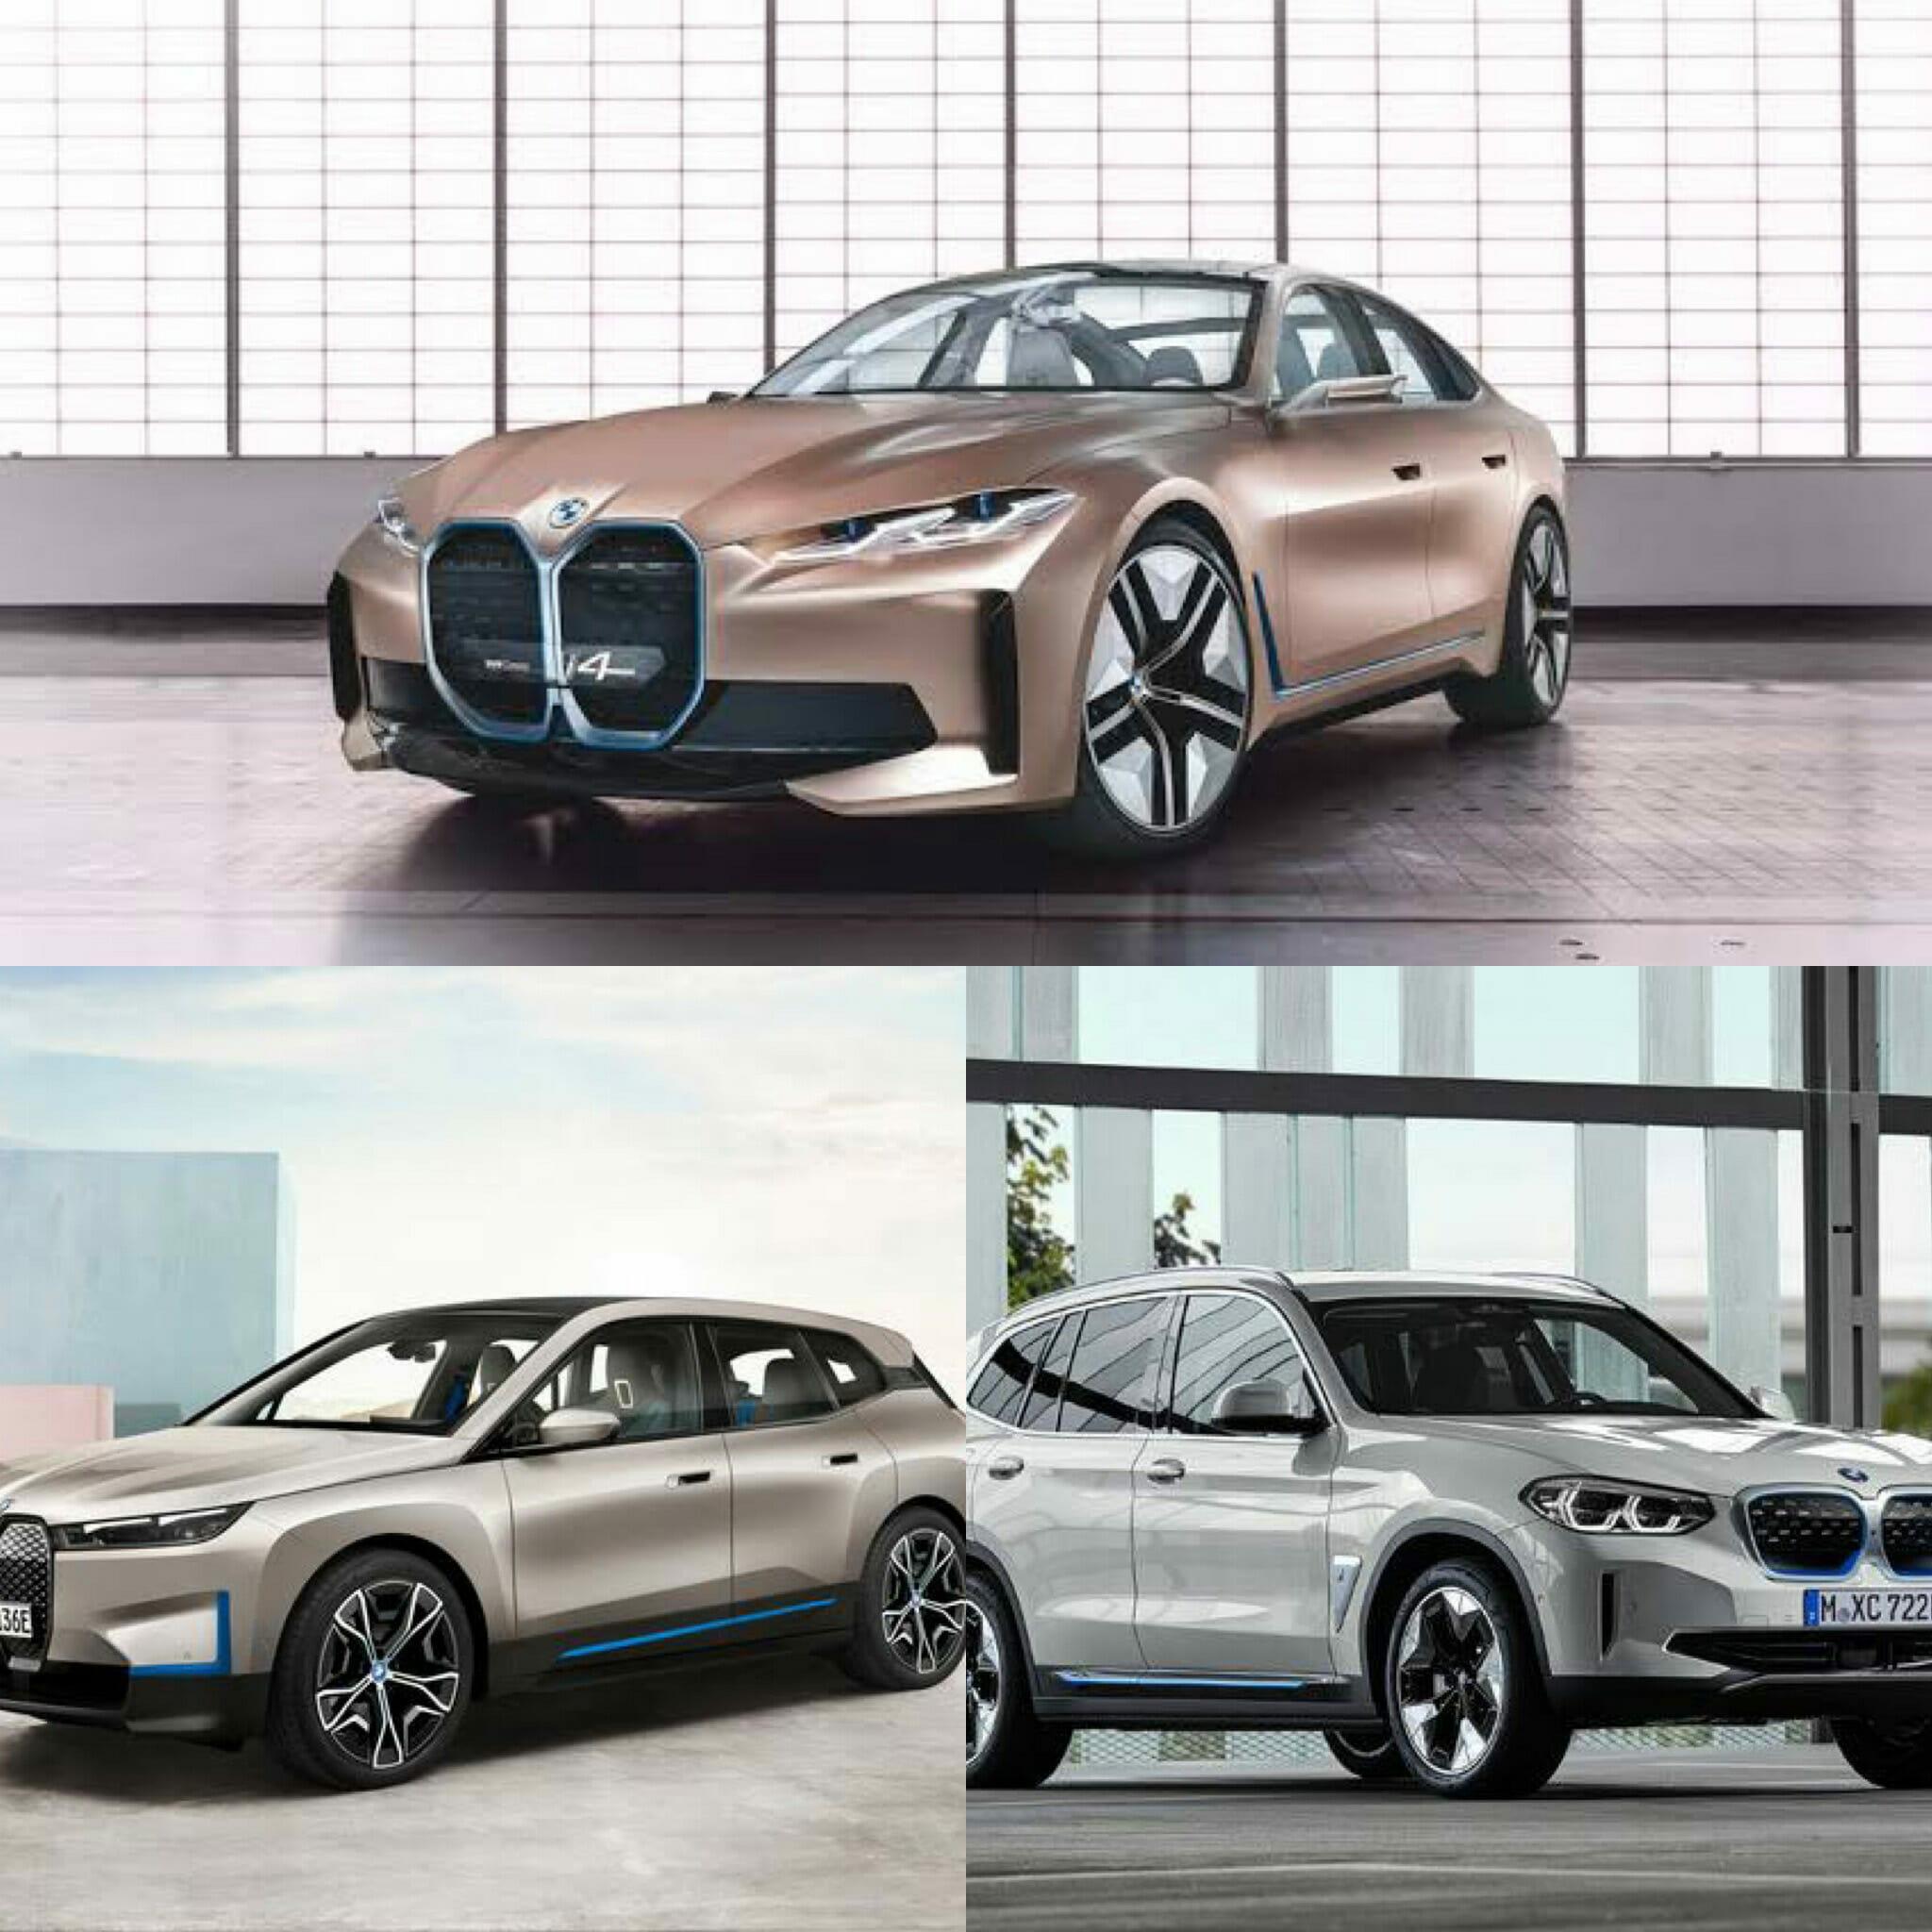 BMWが2021年に投入する電気自動車